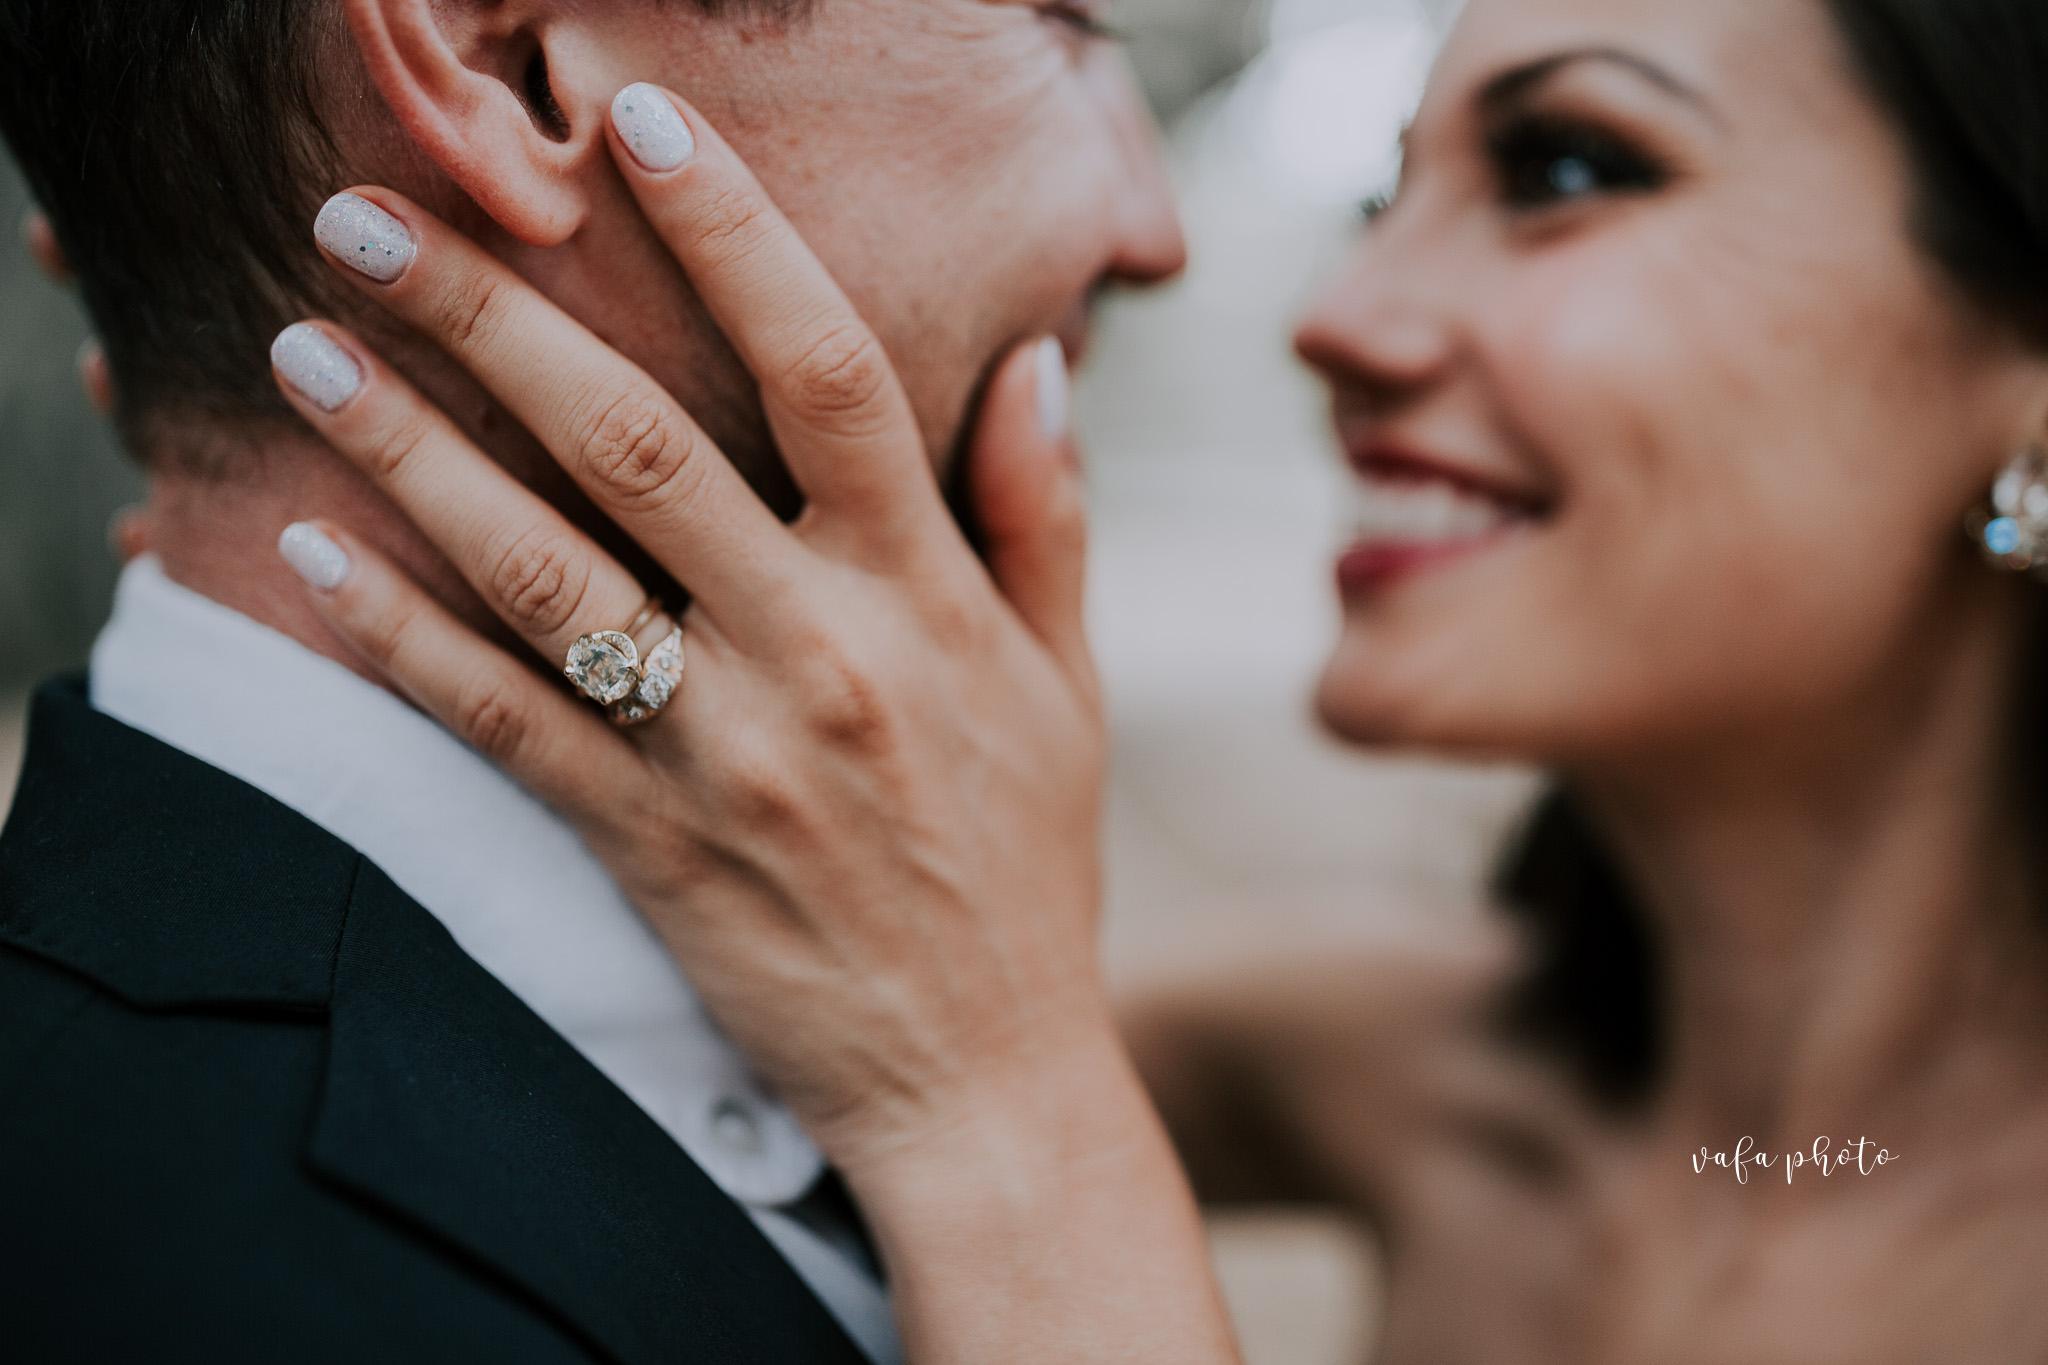 Southern-California-Wedding-Britt-Nilsson-Jeremy-Byrne-Vafa-Photo-562.jpg